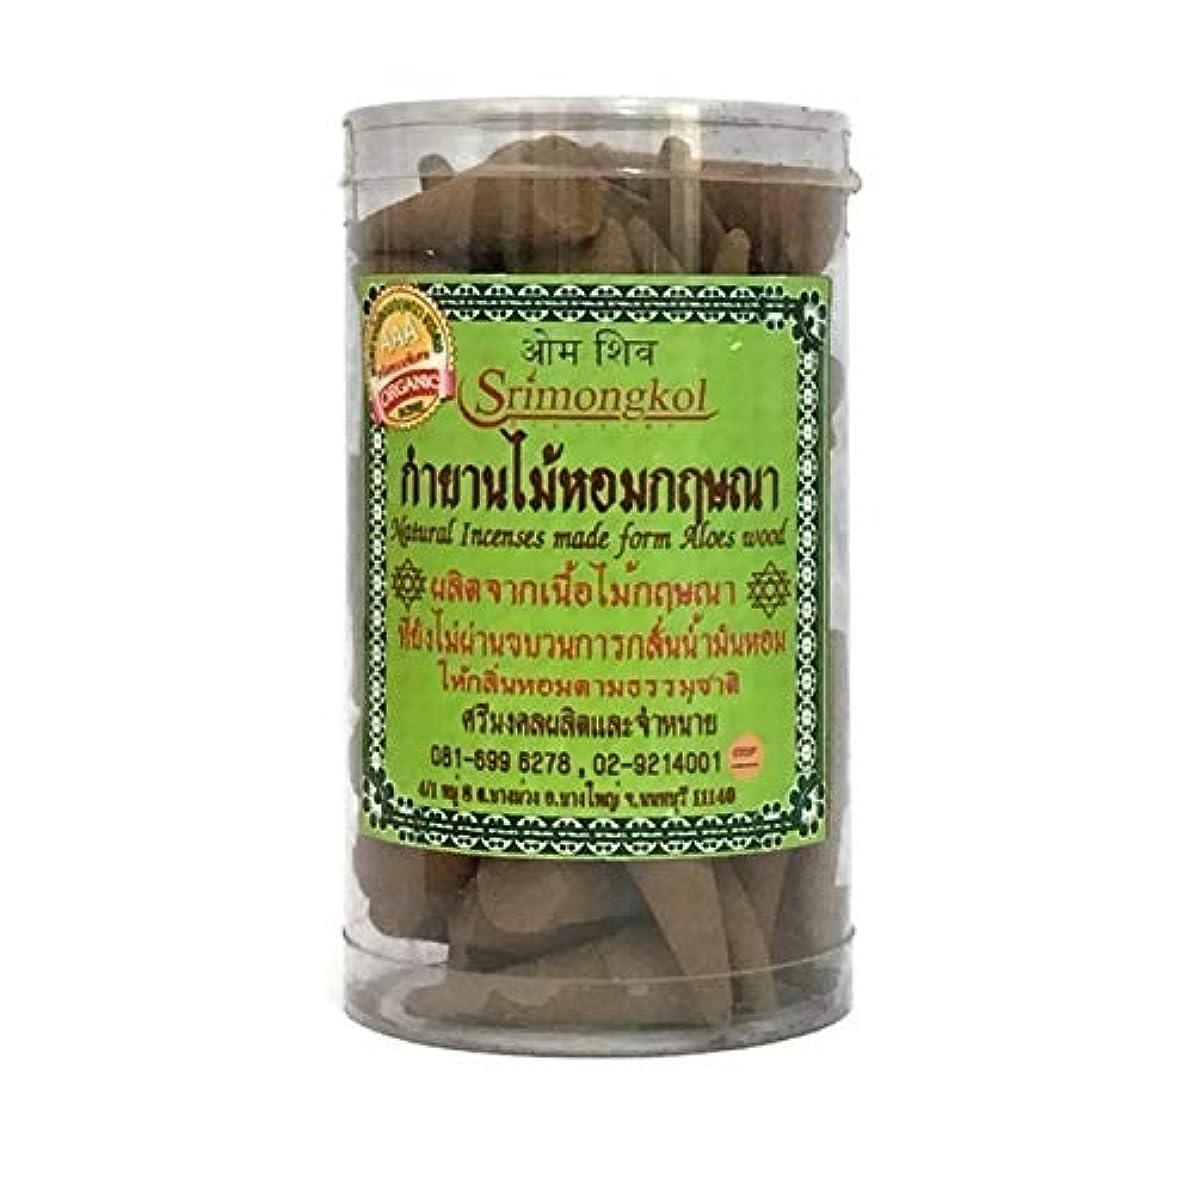 レコーダー従者日没Srimongkol Agarwood Natural Incense Cones 200 Grams Grade AAA Organic (No Chemical :::Srimongkol Agarwoodナチュラル...